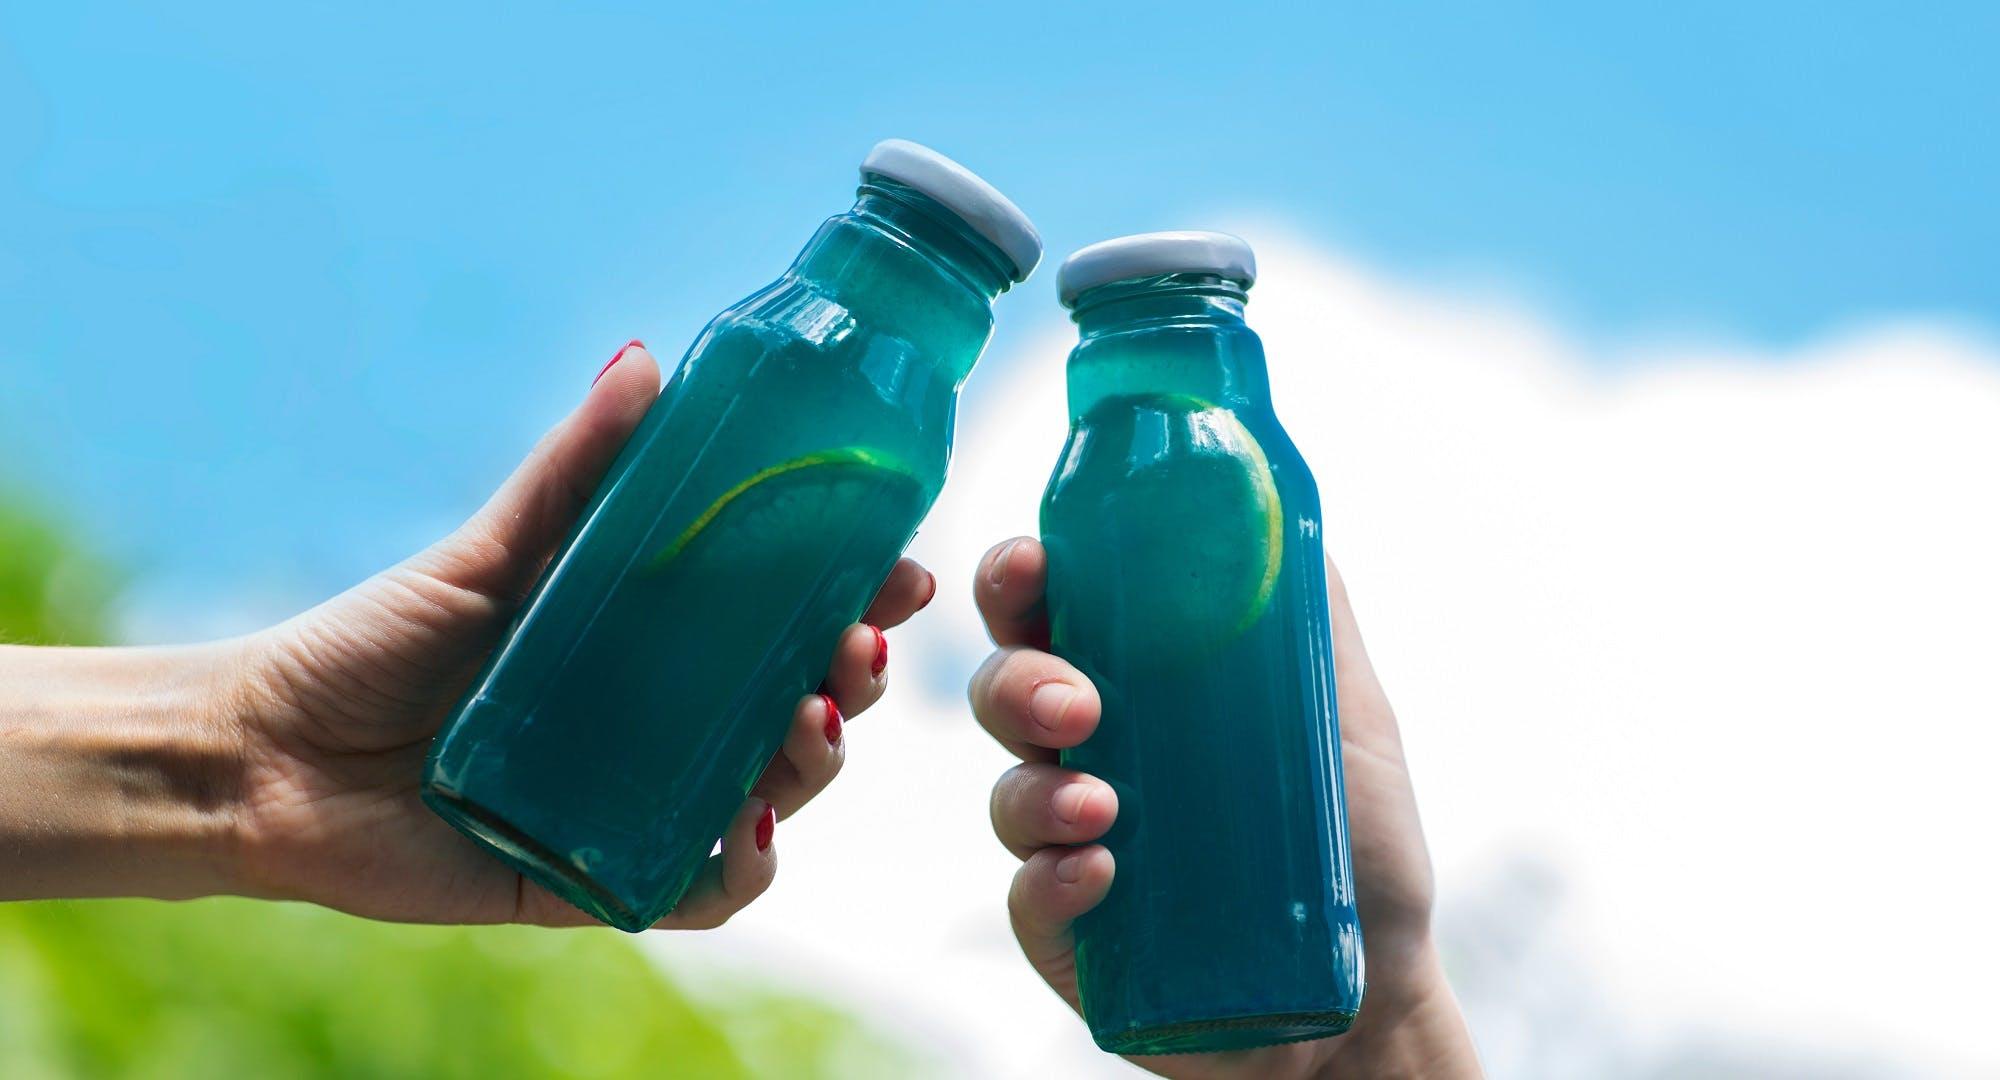 Αθλητικά ποτά: Συνταγές για πριν, κατά τη διάρκεια και μετά την προπόνηση